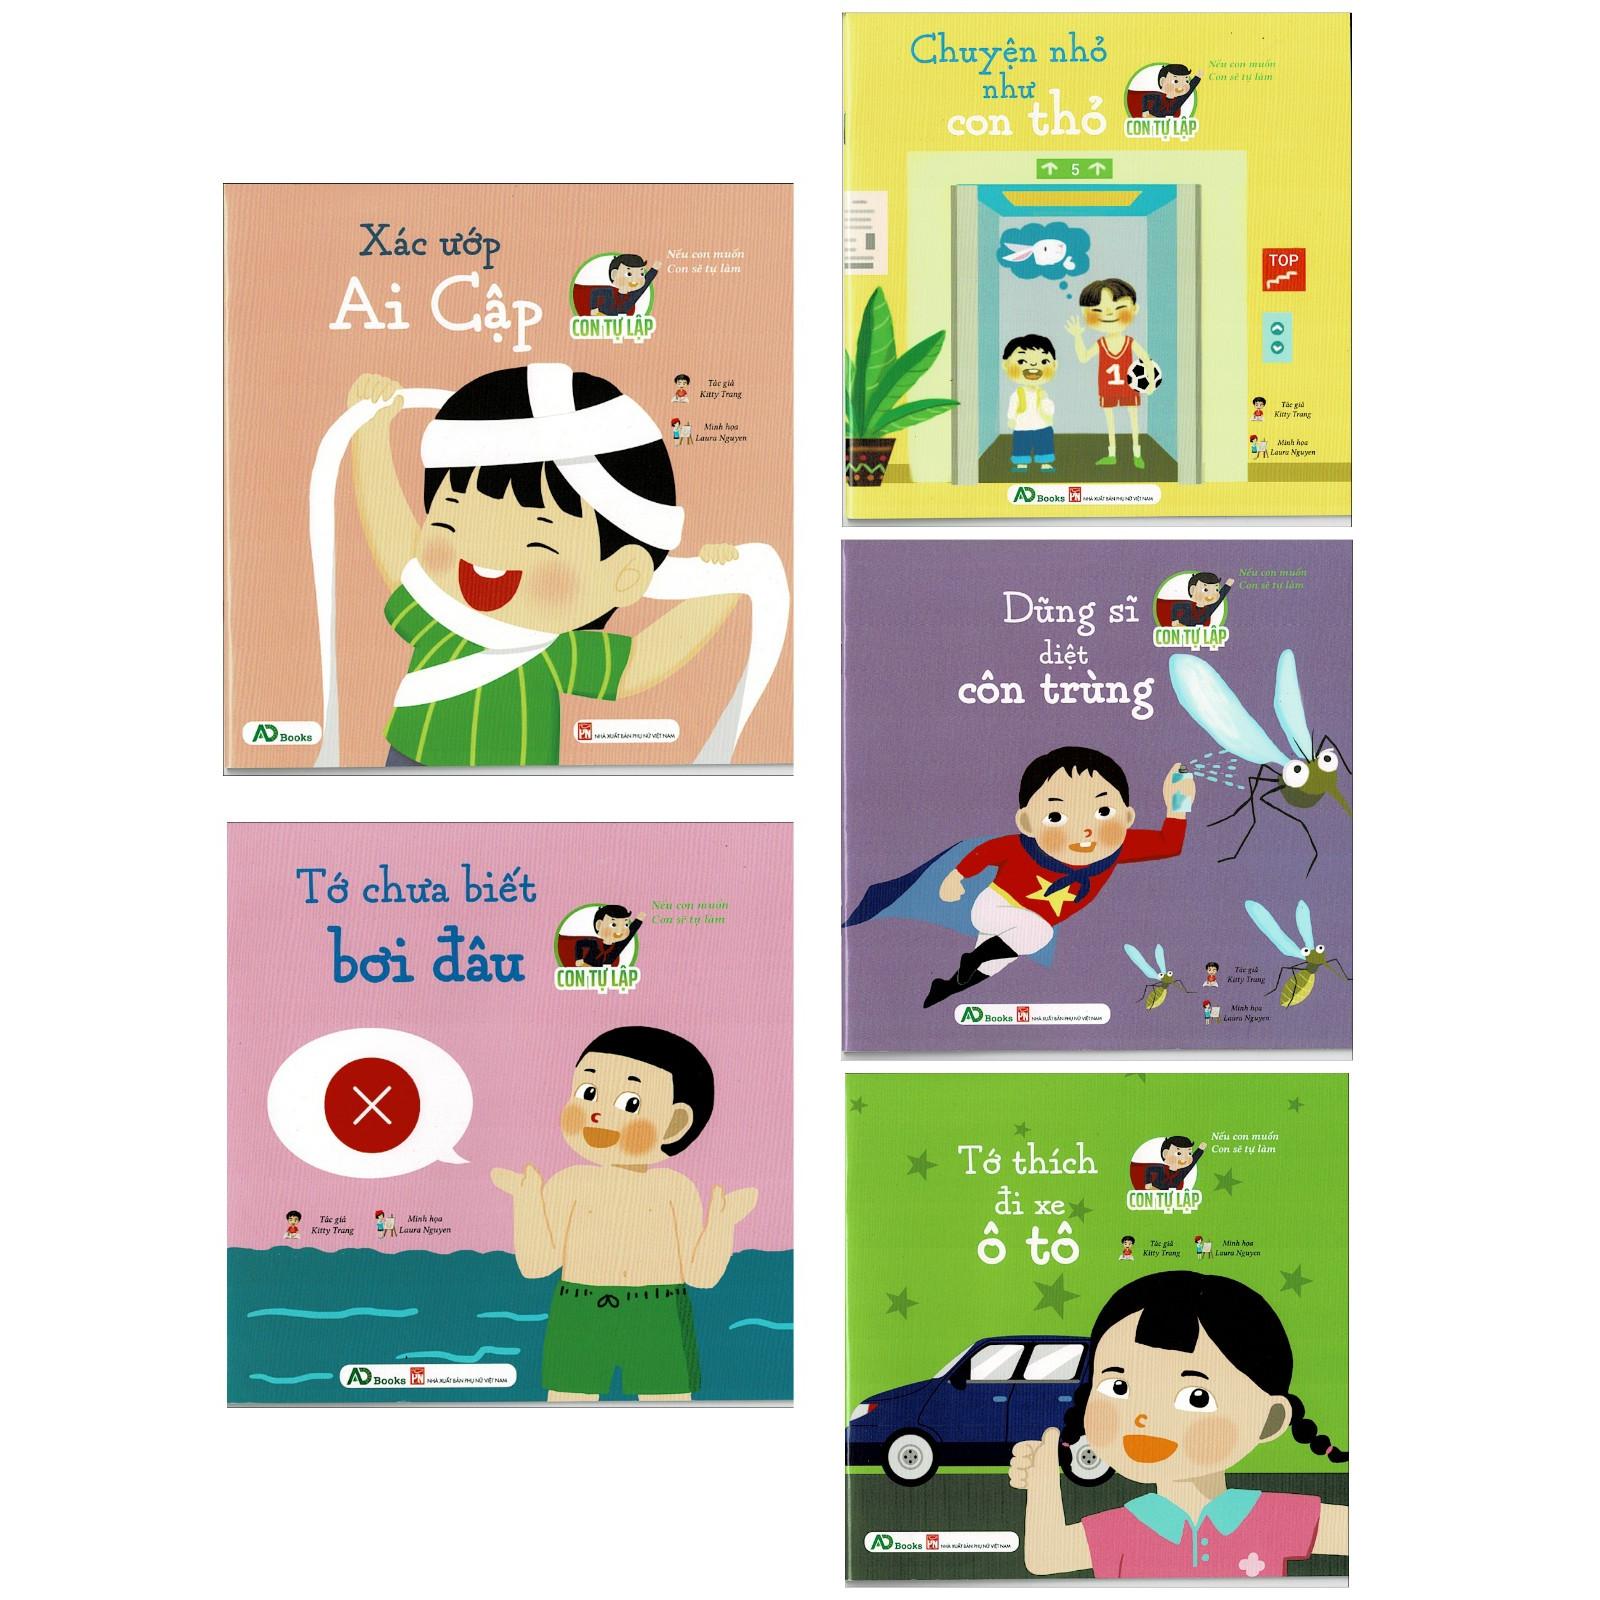 Bộ Sách Thiếu Nhi CON TỰ LẬP : Chuyện Nhỏ Như Con Thỏ + Dũng Sĩ Diệt Côn Trùng + Xác Ứơp Ai Cập + Tớ Thích Đi Xe Ô Tô + Tớ Chưa Biết Bơi Đâu  ( Bộ 5 Cuốn Sách Thiếu Nhi Hấp Dẫn Cho Trẻ. )